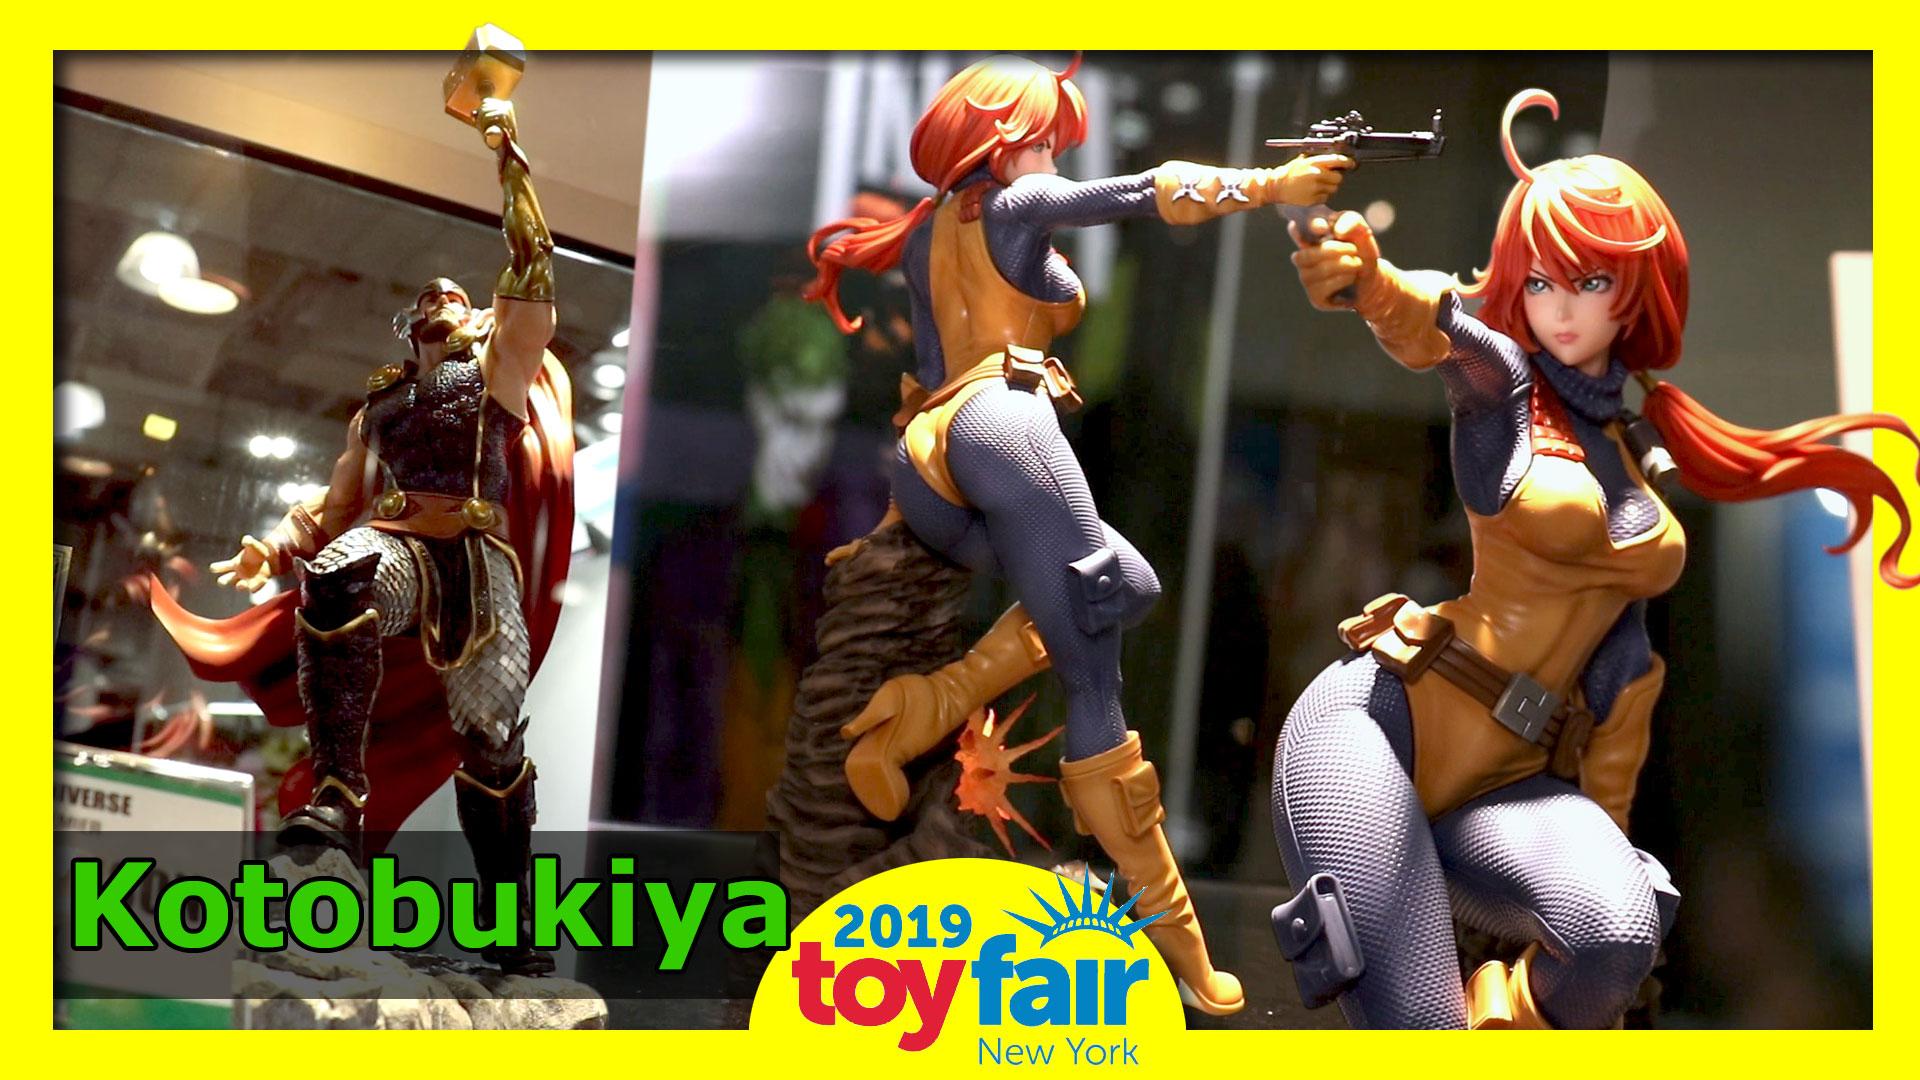 Kotobukiya @Toy Fair 2019